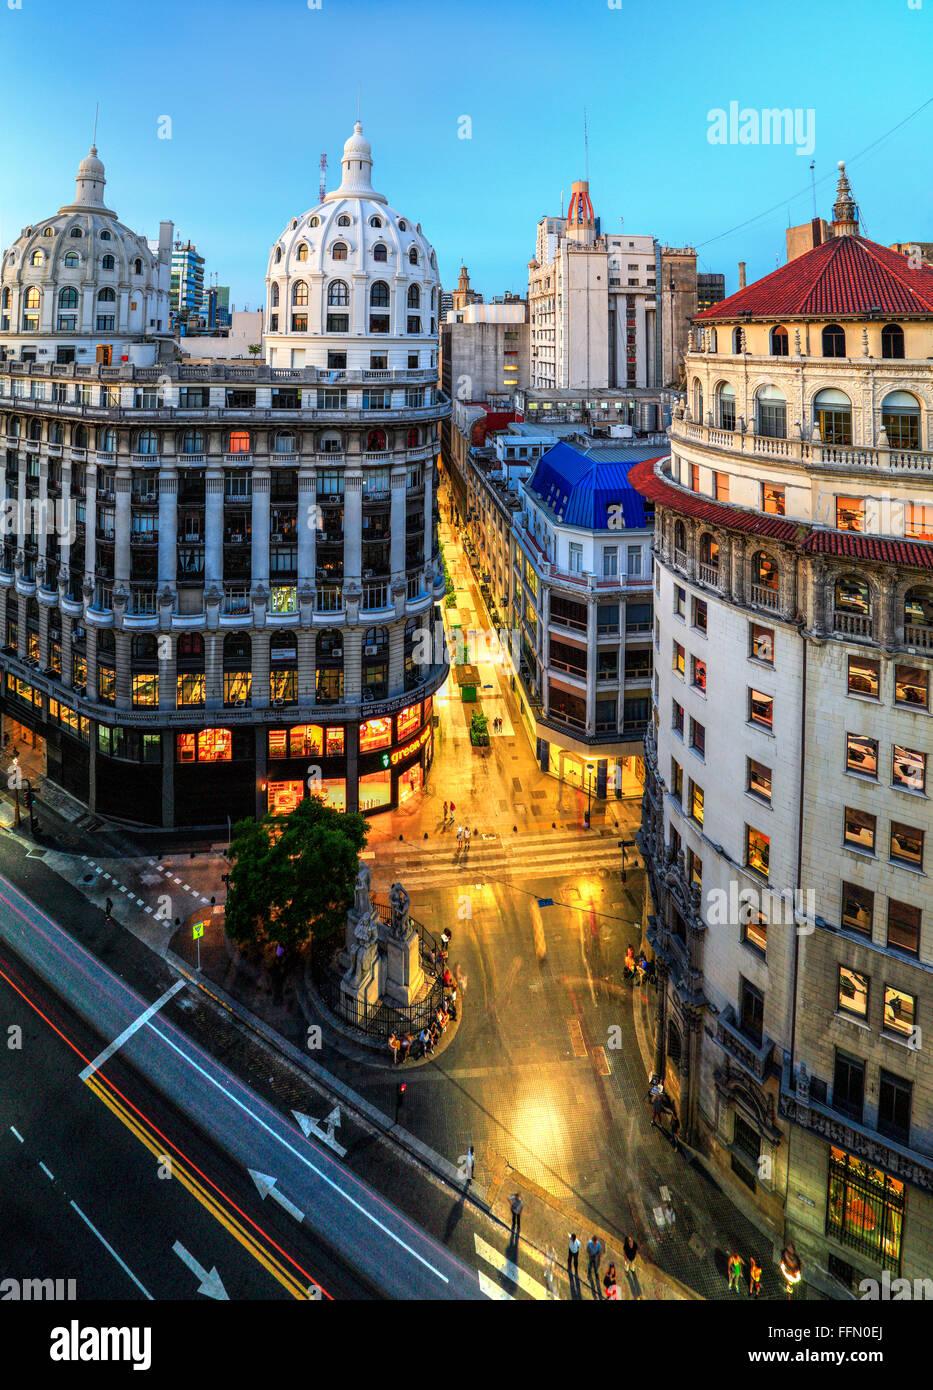 Vue aérienne de la Floride (zone piétonne) Rue. Buenos Aires, Argentine, Amérique du Sud Photo Stock